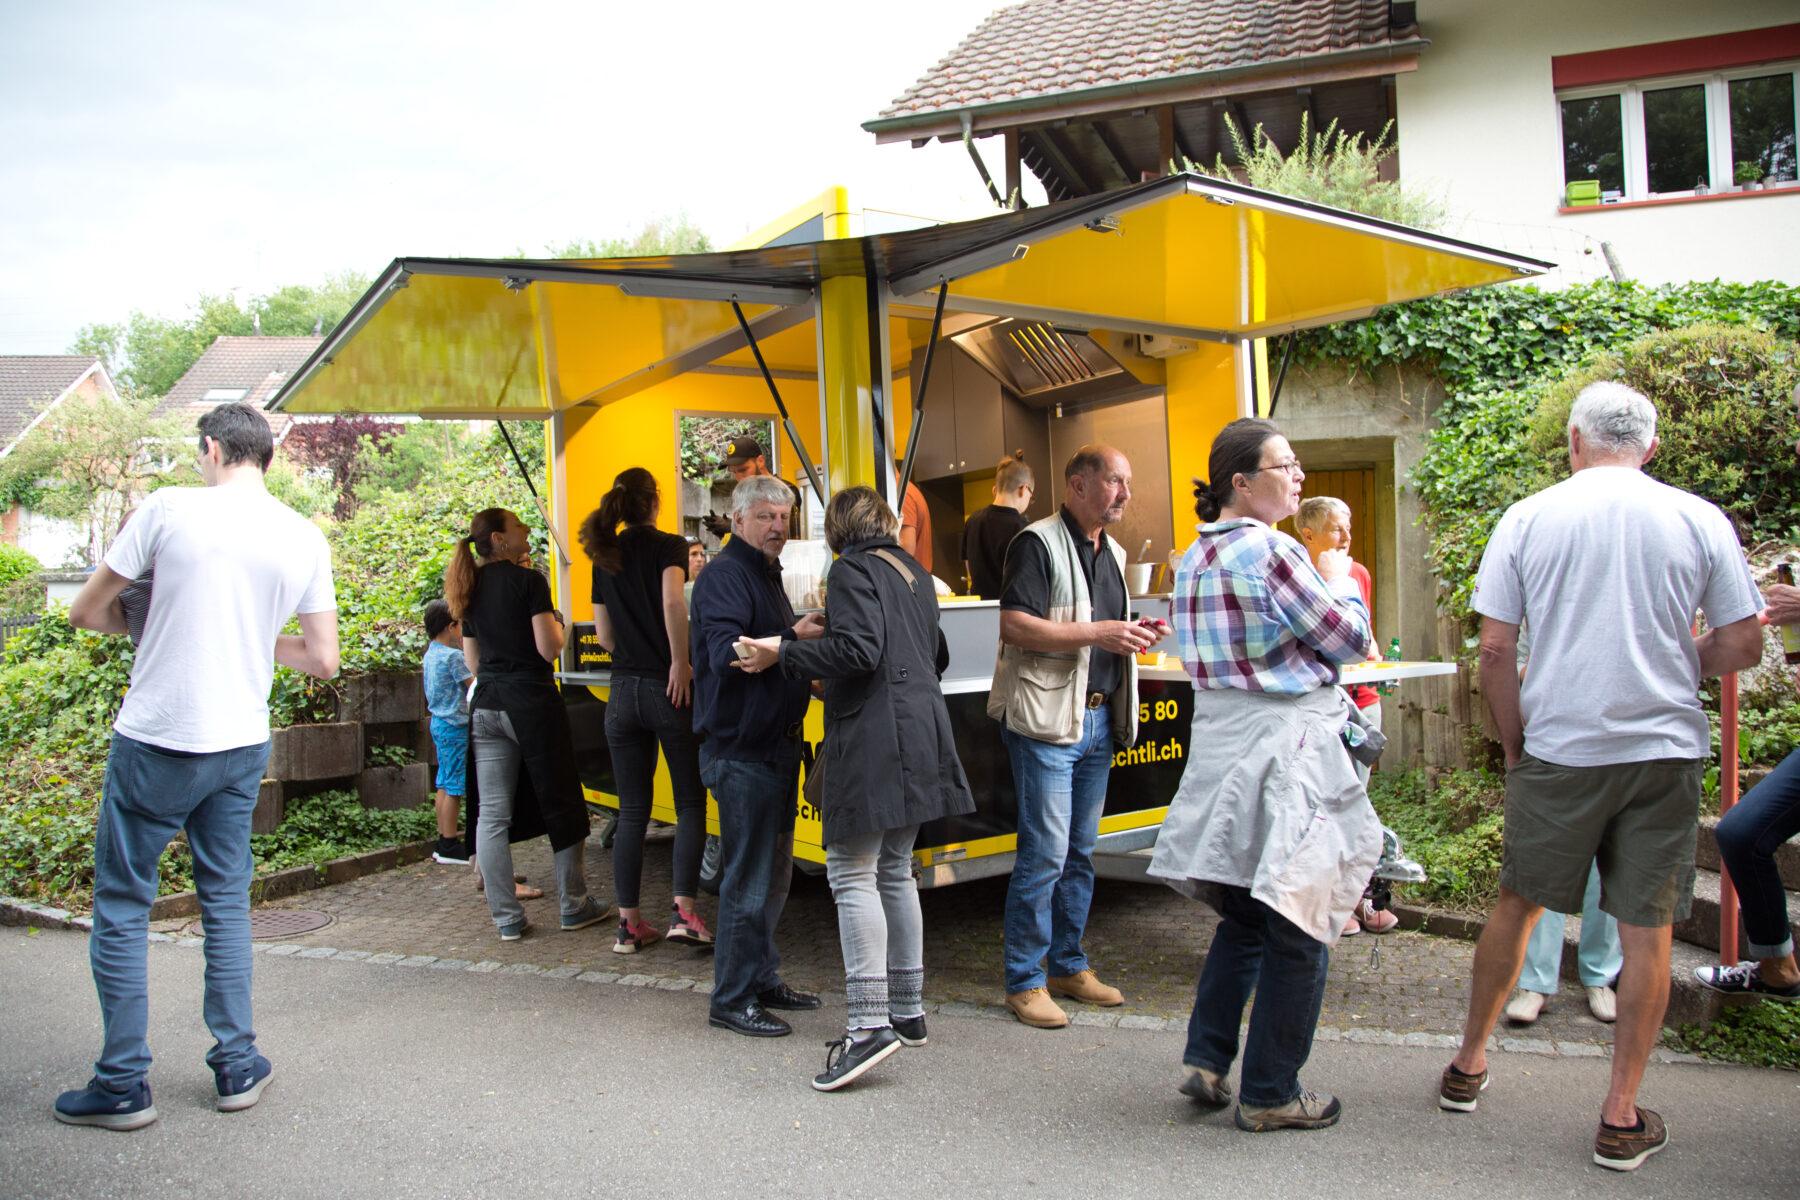 Curry Würstchen Foodtruck | görriwürschtli Foodtruck Liestal – Das Currywurst-Erlebnis